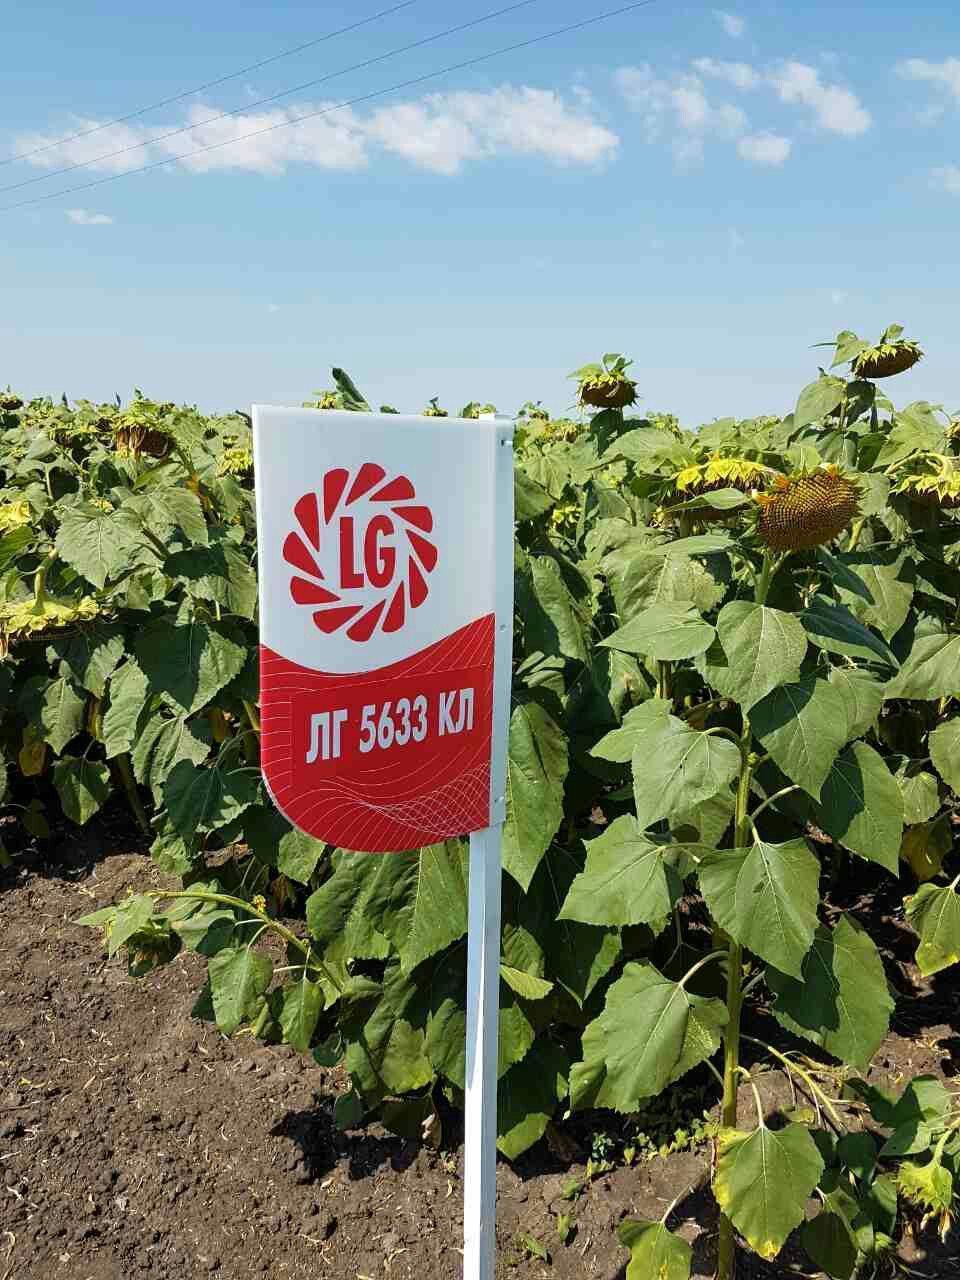 Семена подсолнечника Лимагрейн ЛГ 5633 КЛ (Limagrain)